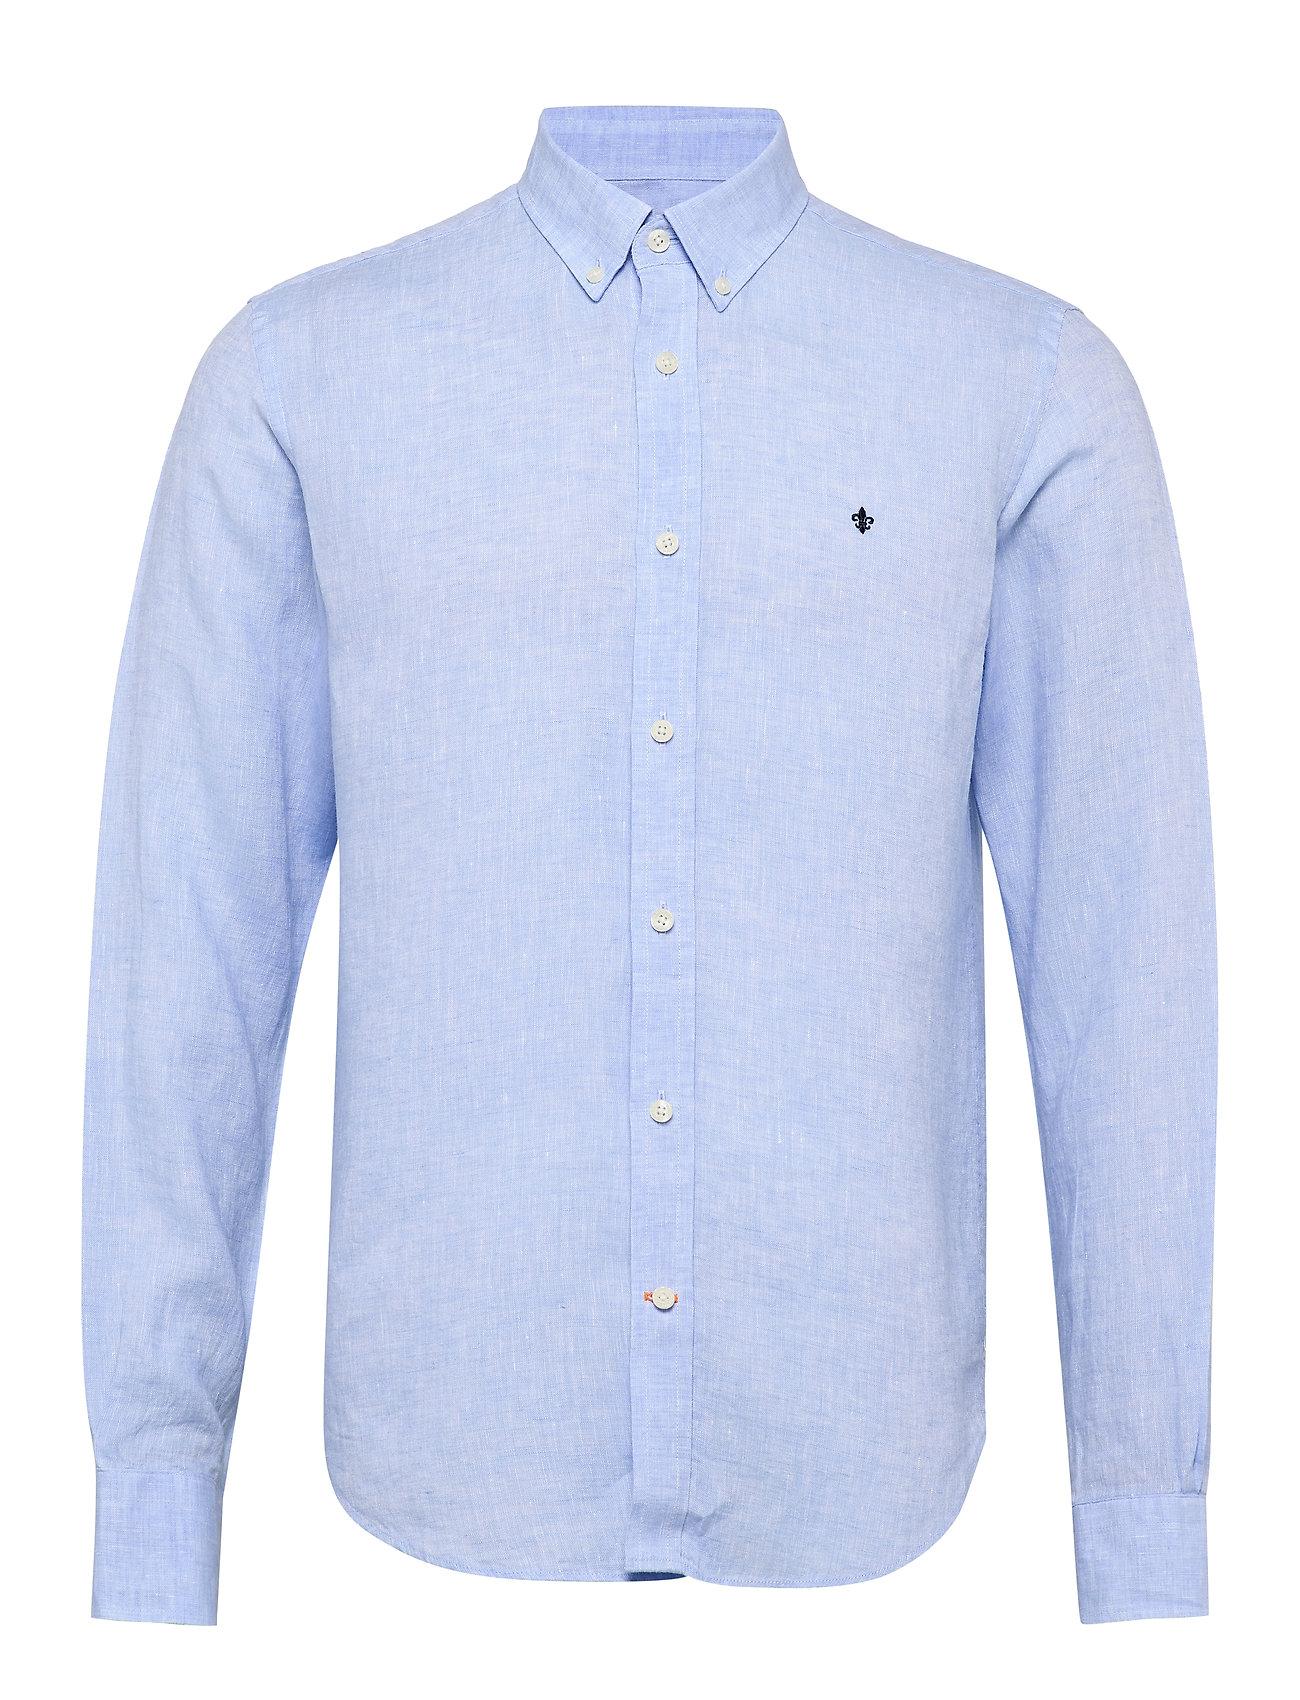 Douglas Shirt Morris Trøjer til Mænd i Lyseblå